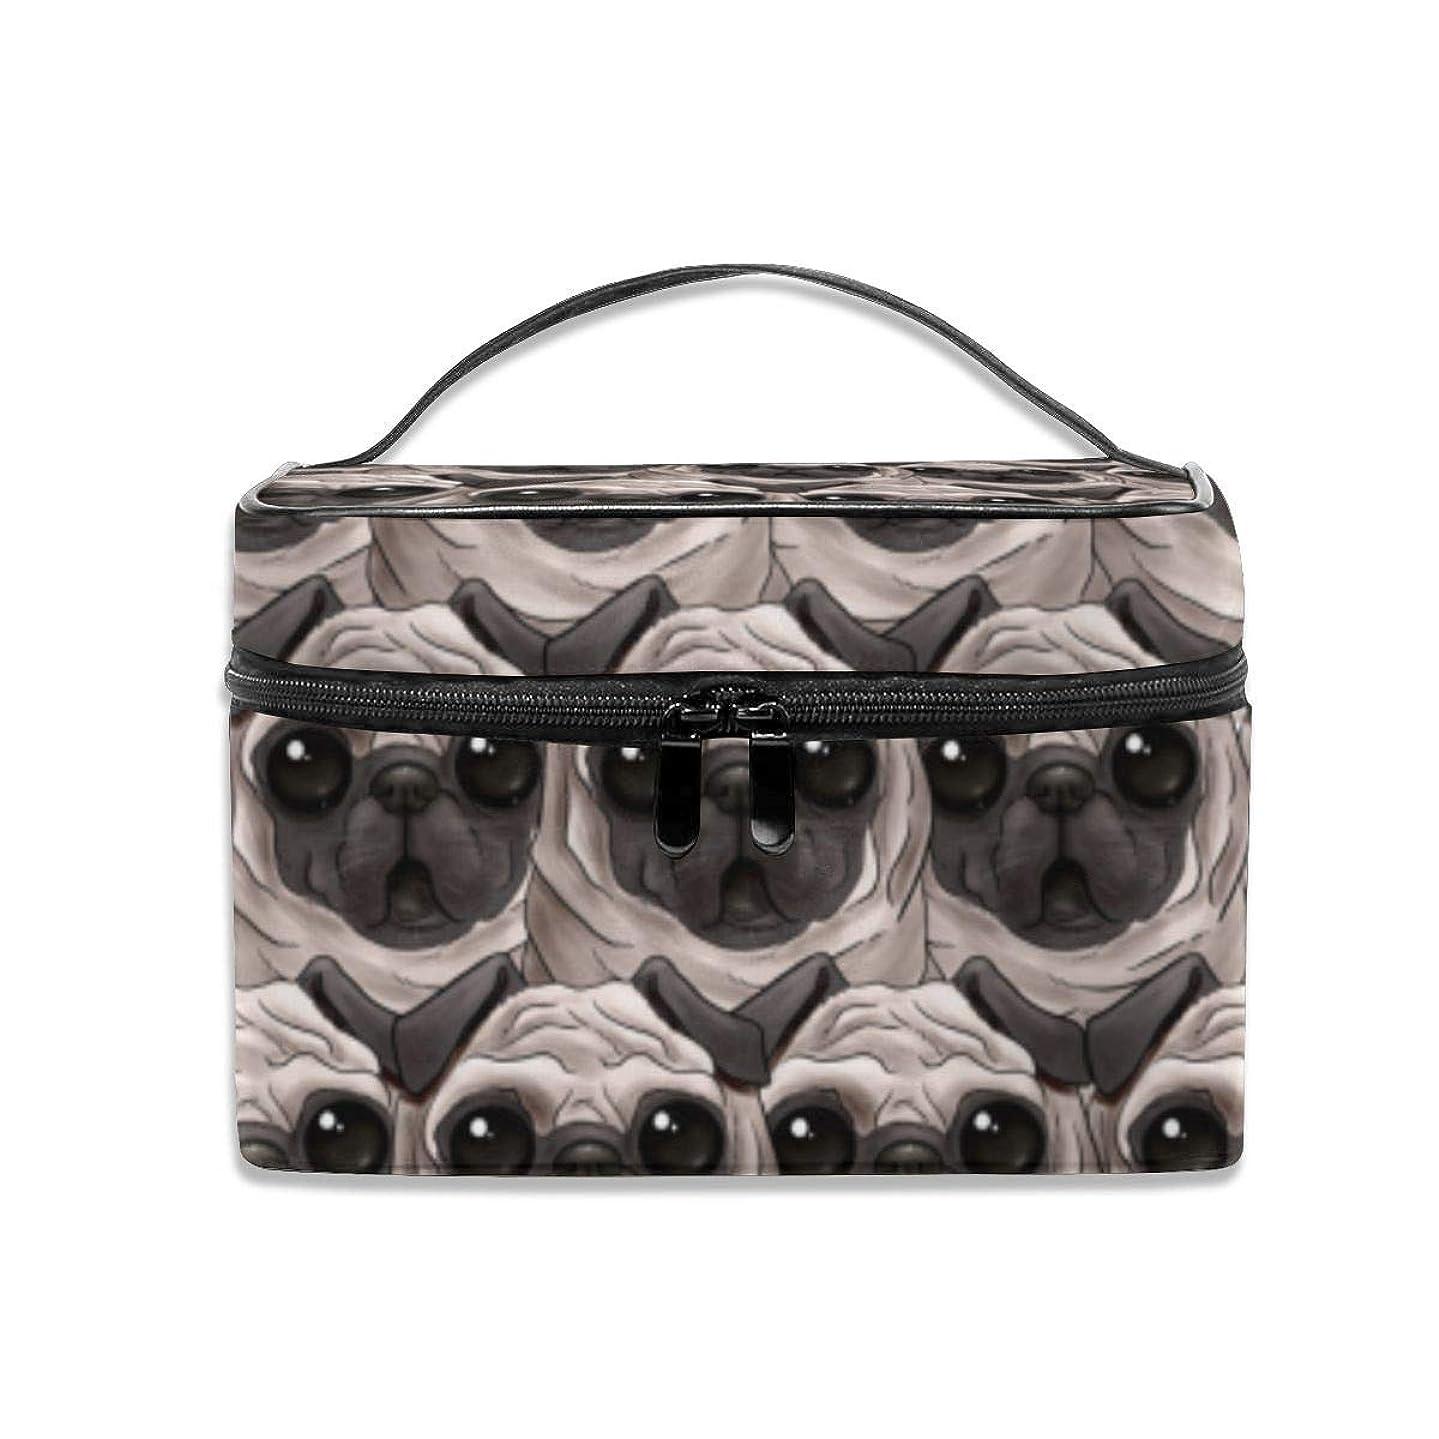 に同意するテキスト魅力的であることへのアピールZetena コスメバッグ メイクポーチ かわいい パグ 目 化粧ポーチ バニティケース トラベルポーチ 収納ボックス 化粧 収納 雑貨 小物入れ 出張用バック 超軽量 機能的 大容量